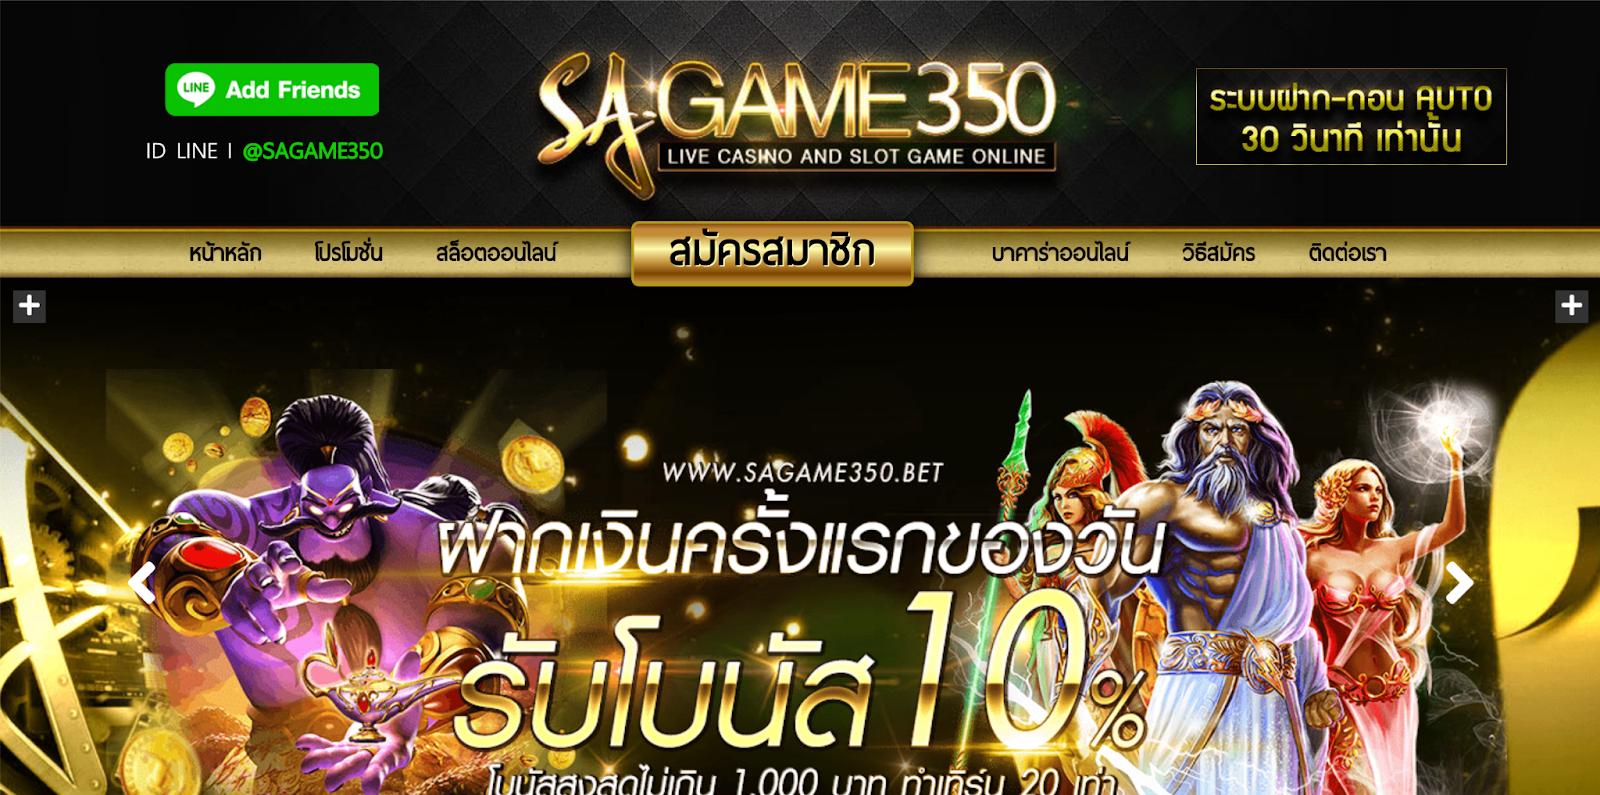 เว็บเสือมังกรอันดับ 5 SAGAME350